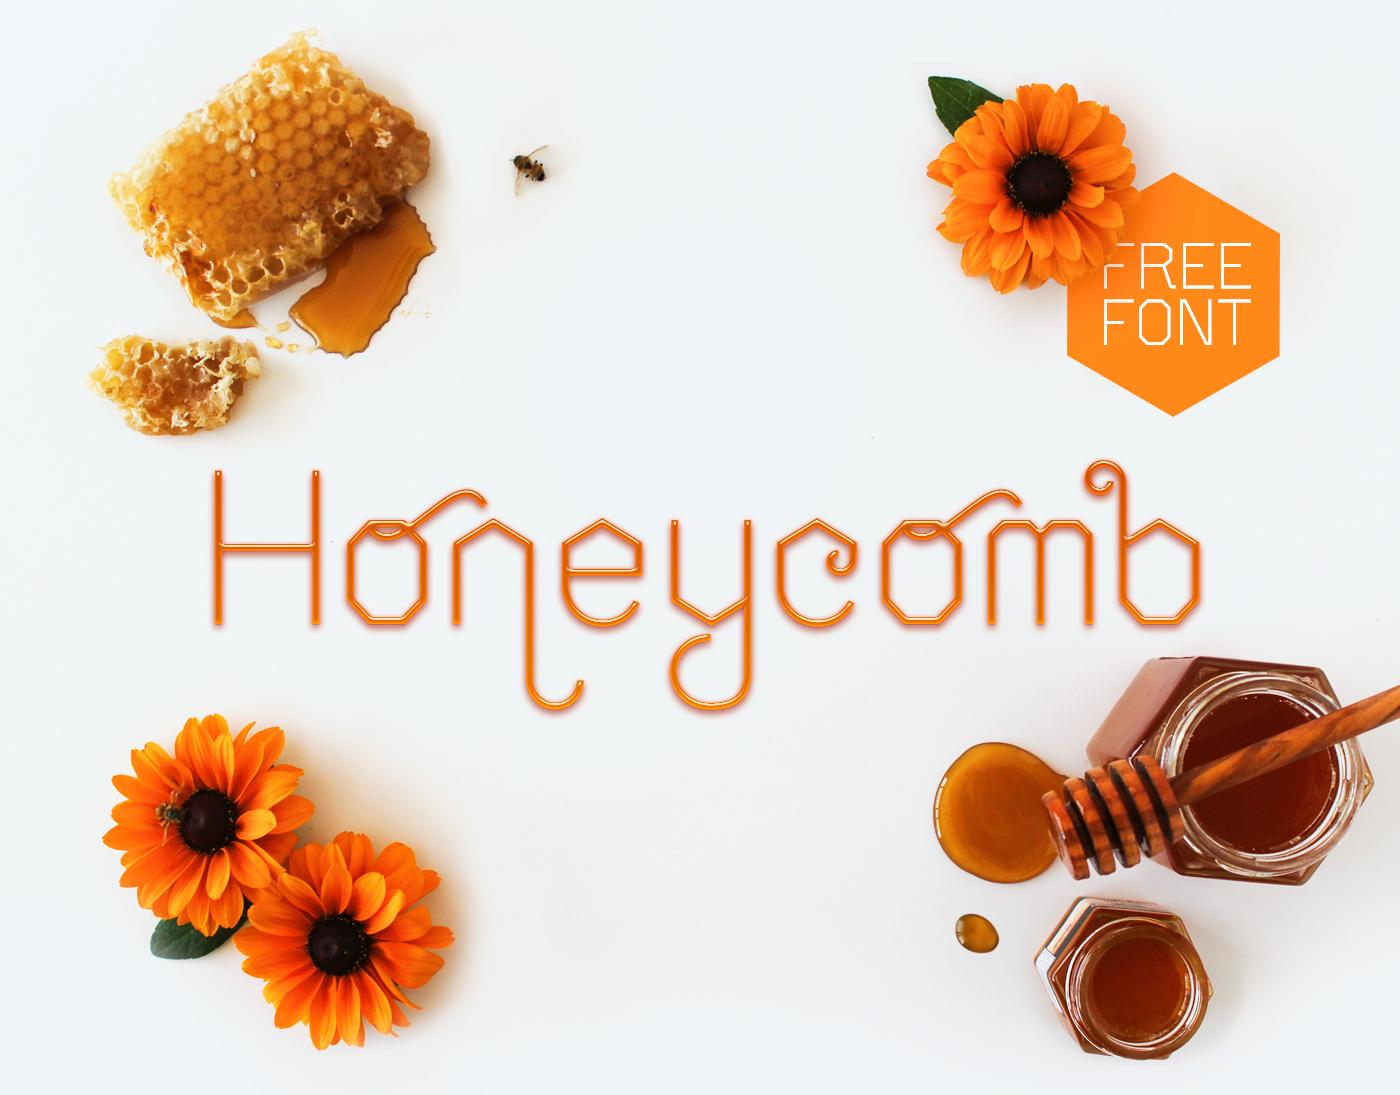 Honeycomb Font Download